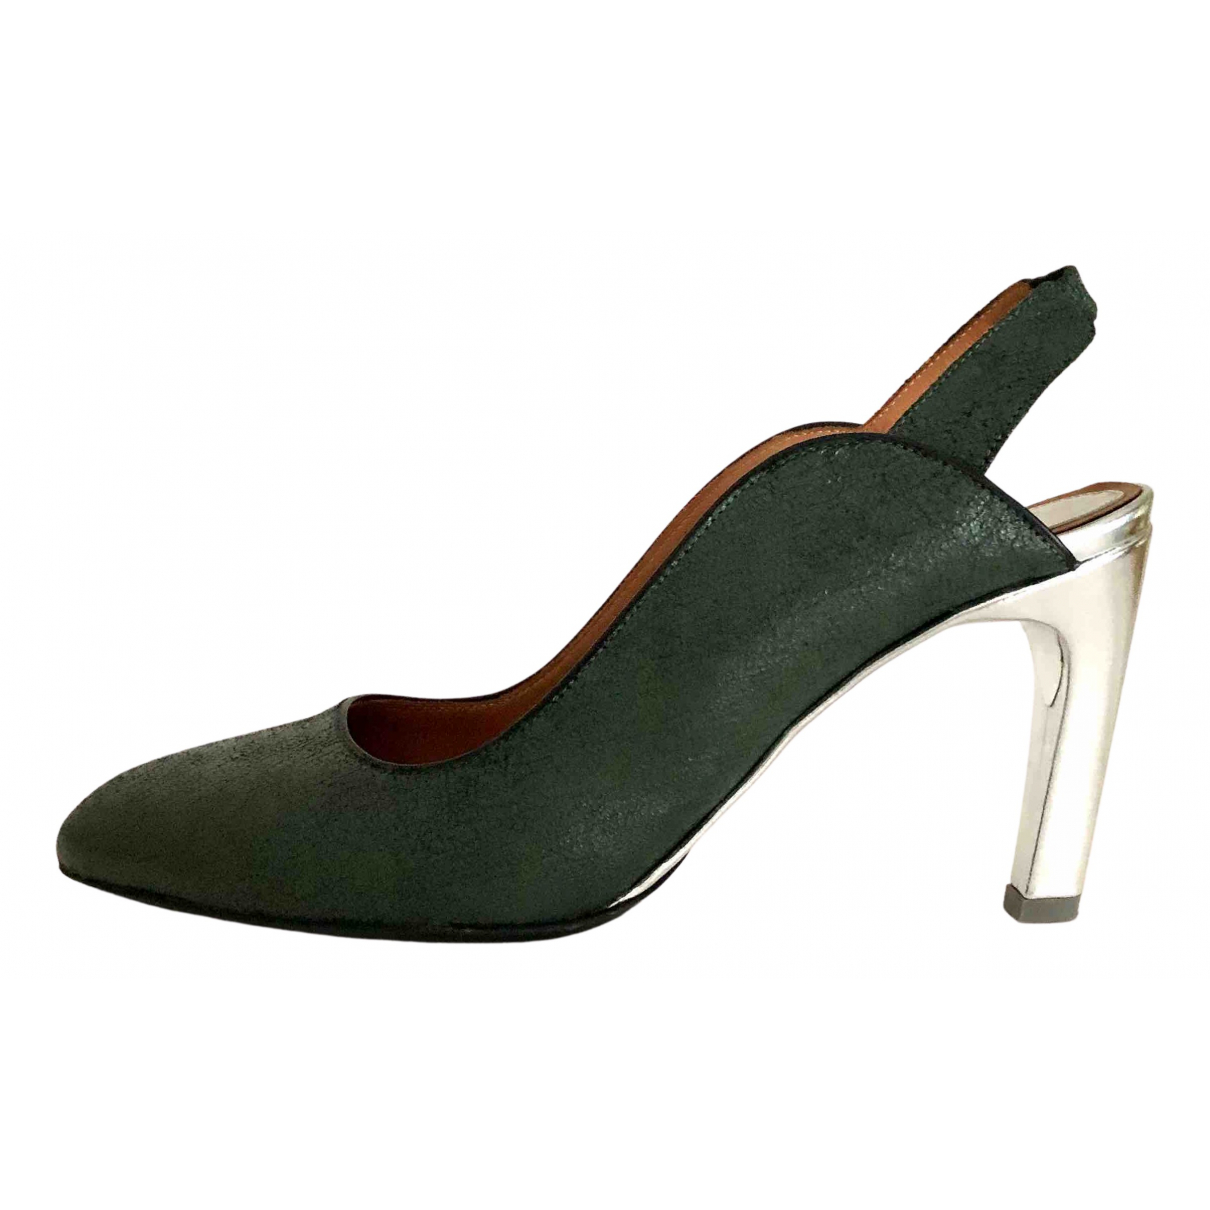 Dries Van Noten N Green Leather Sandals for Women 40 EU